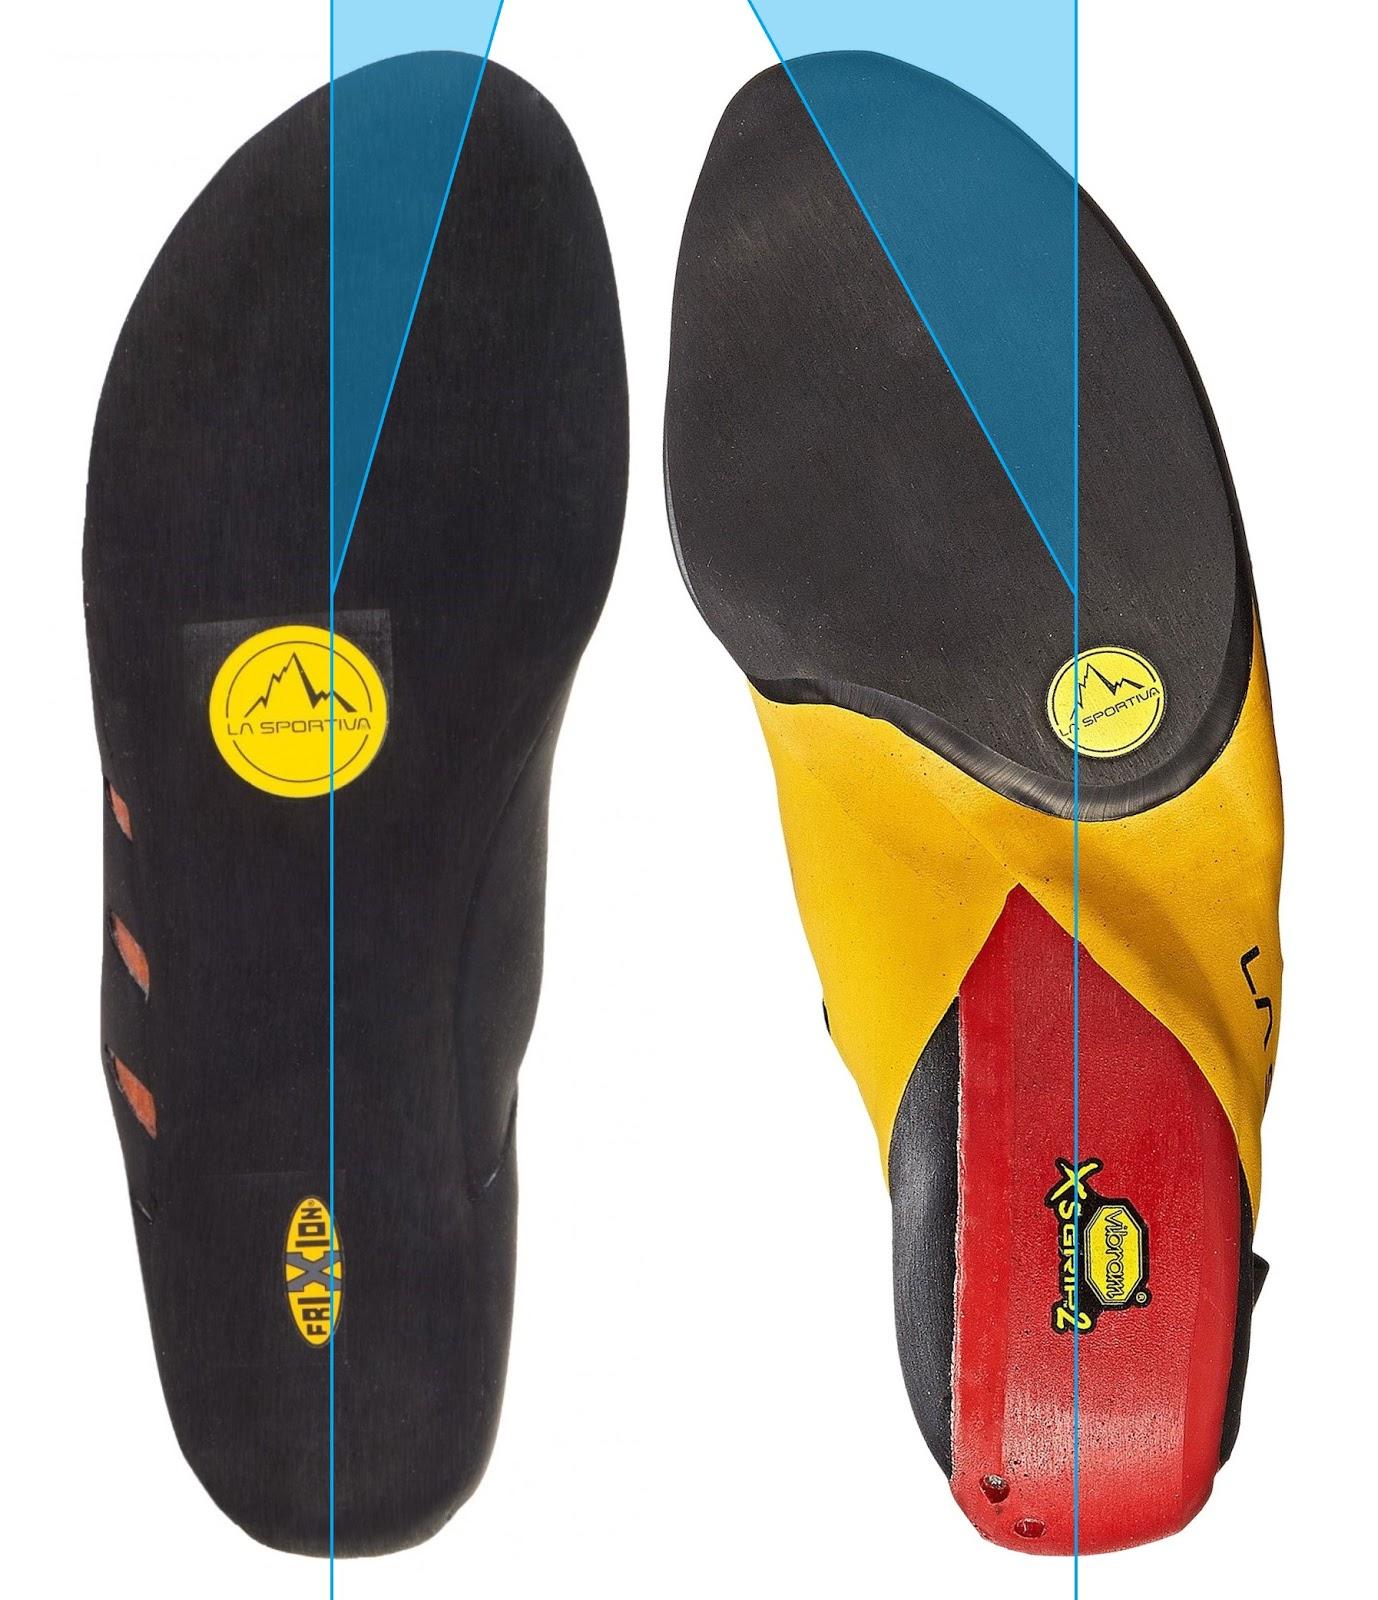 la sportiva tırmanış ayakkabısı asimetrik kalıp